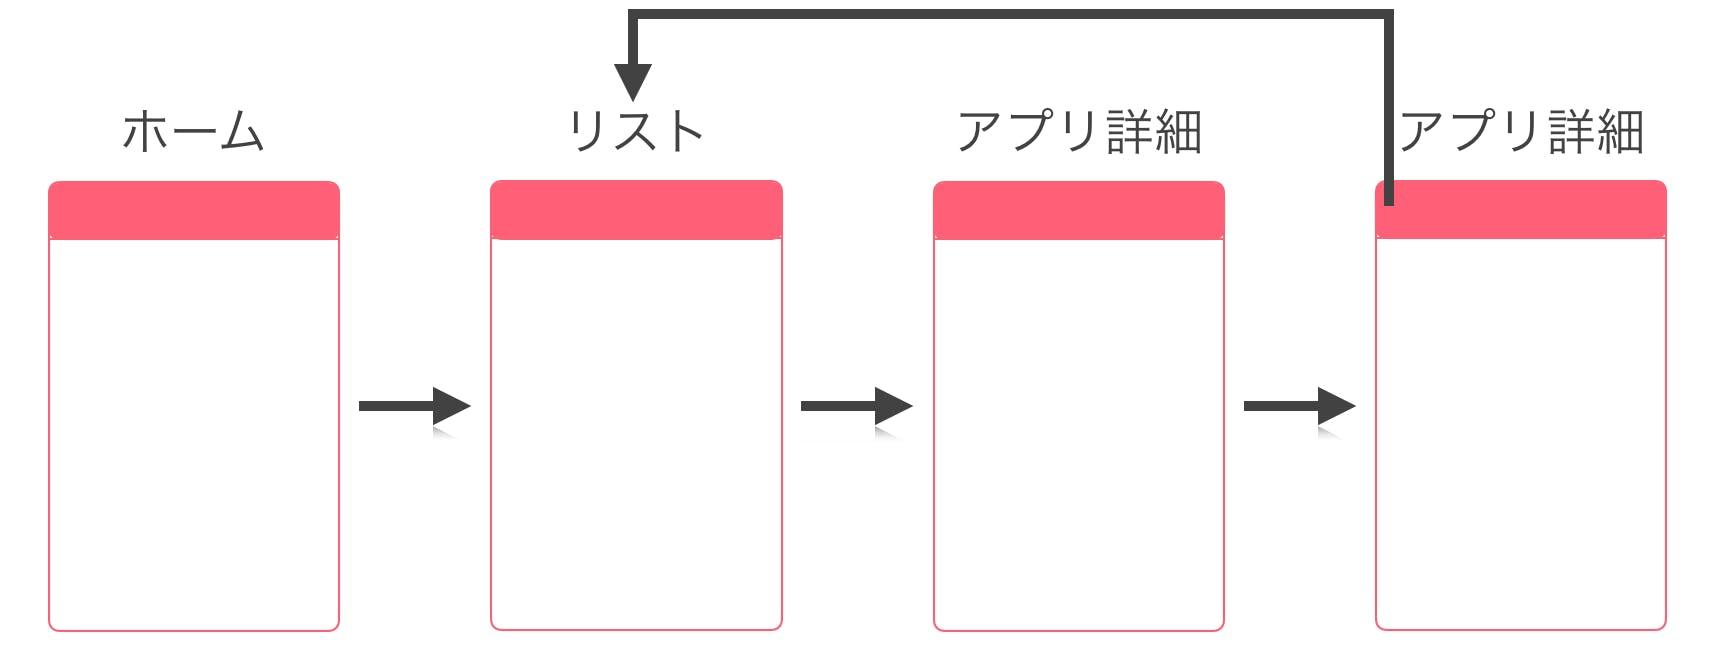 スクリーンショット 2017-12-03 1.37.50.png